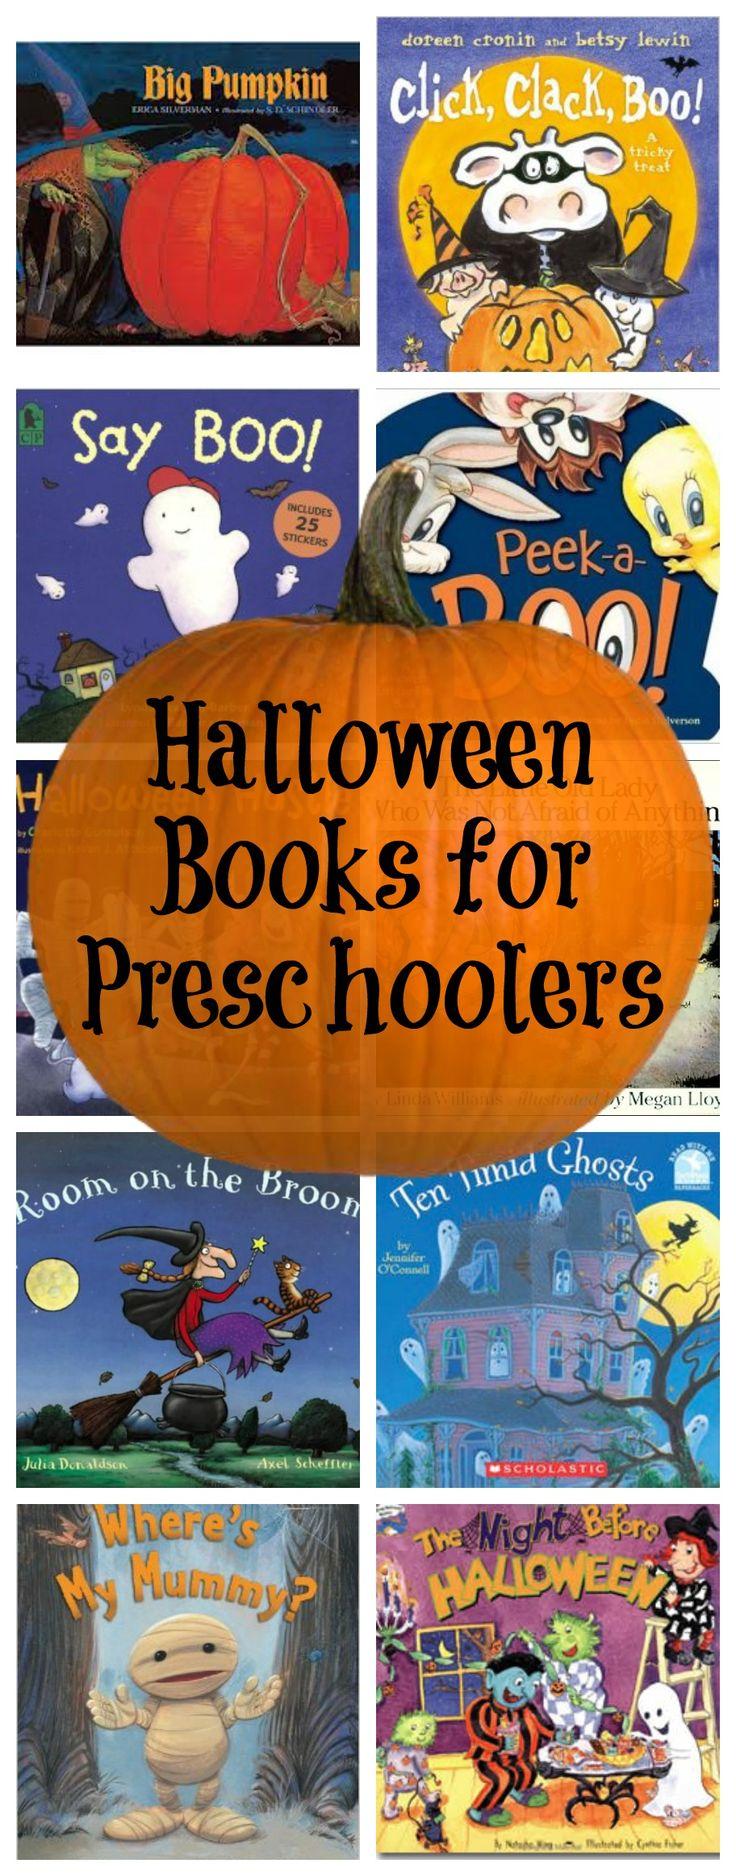 Halloween Books for Preschoolers